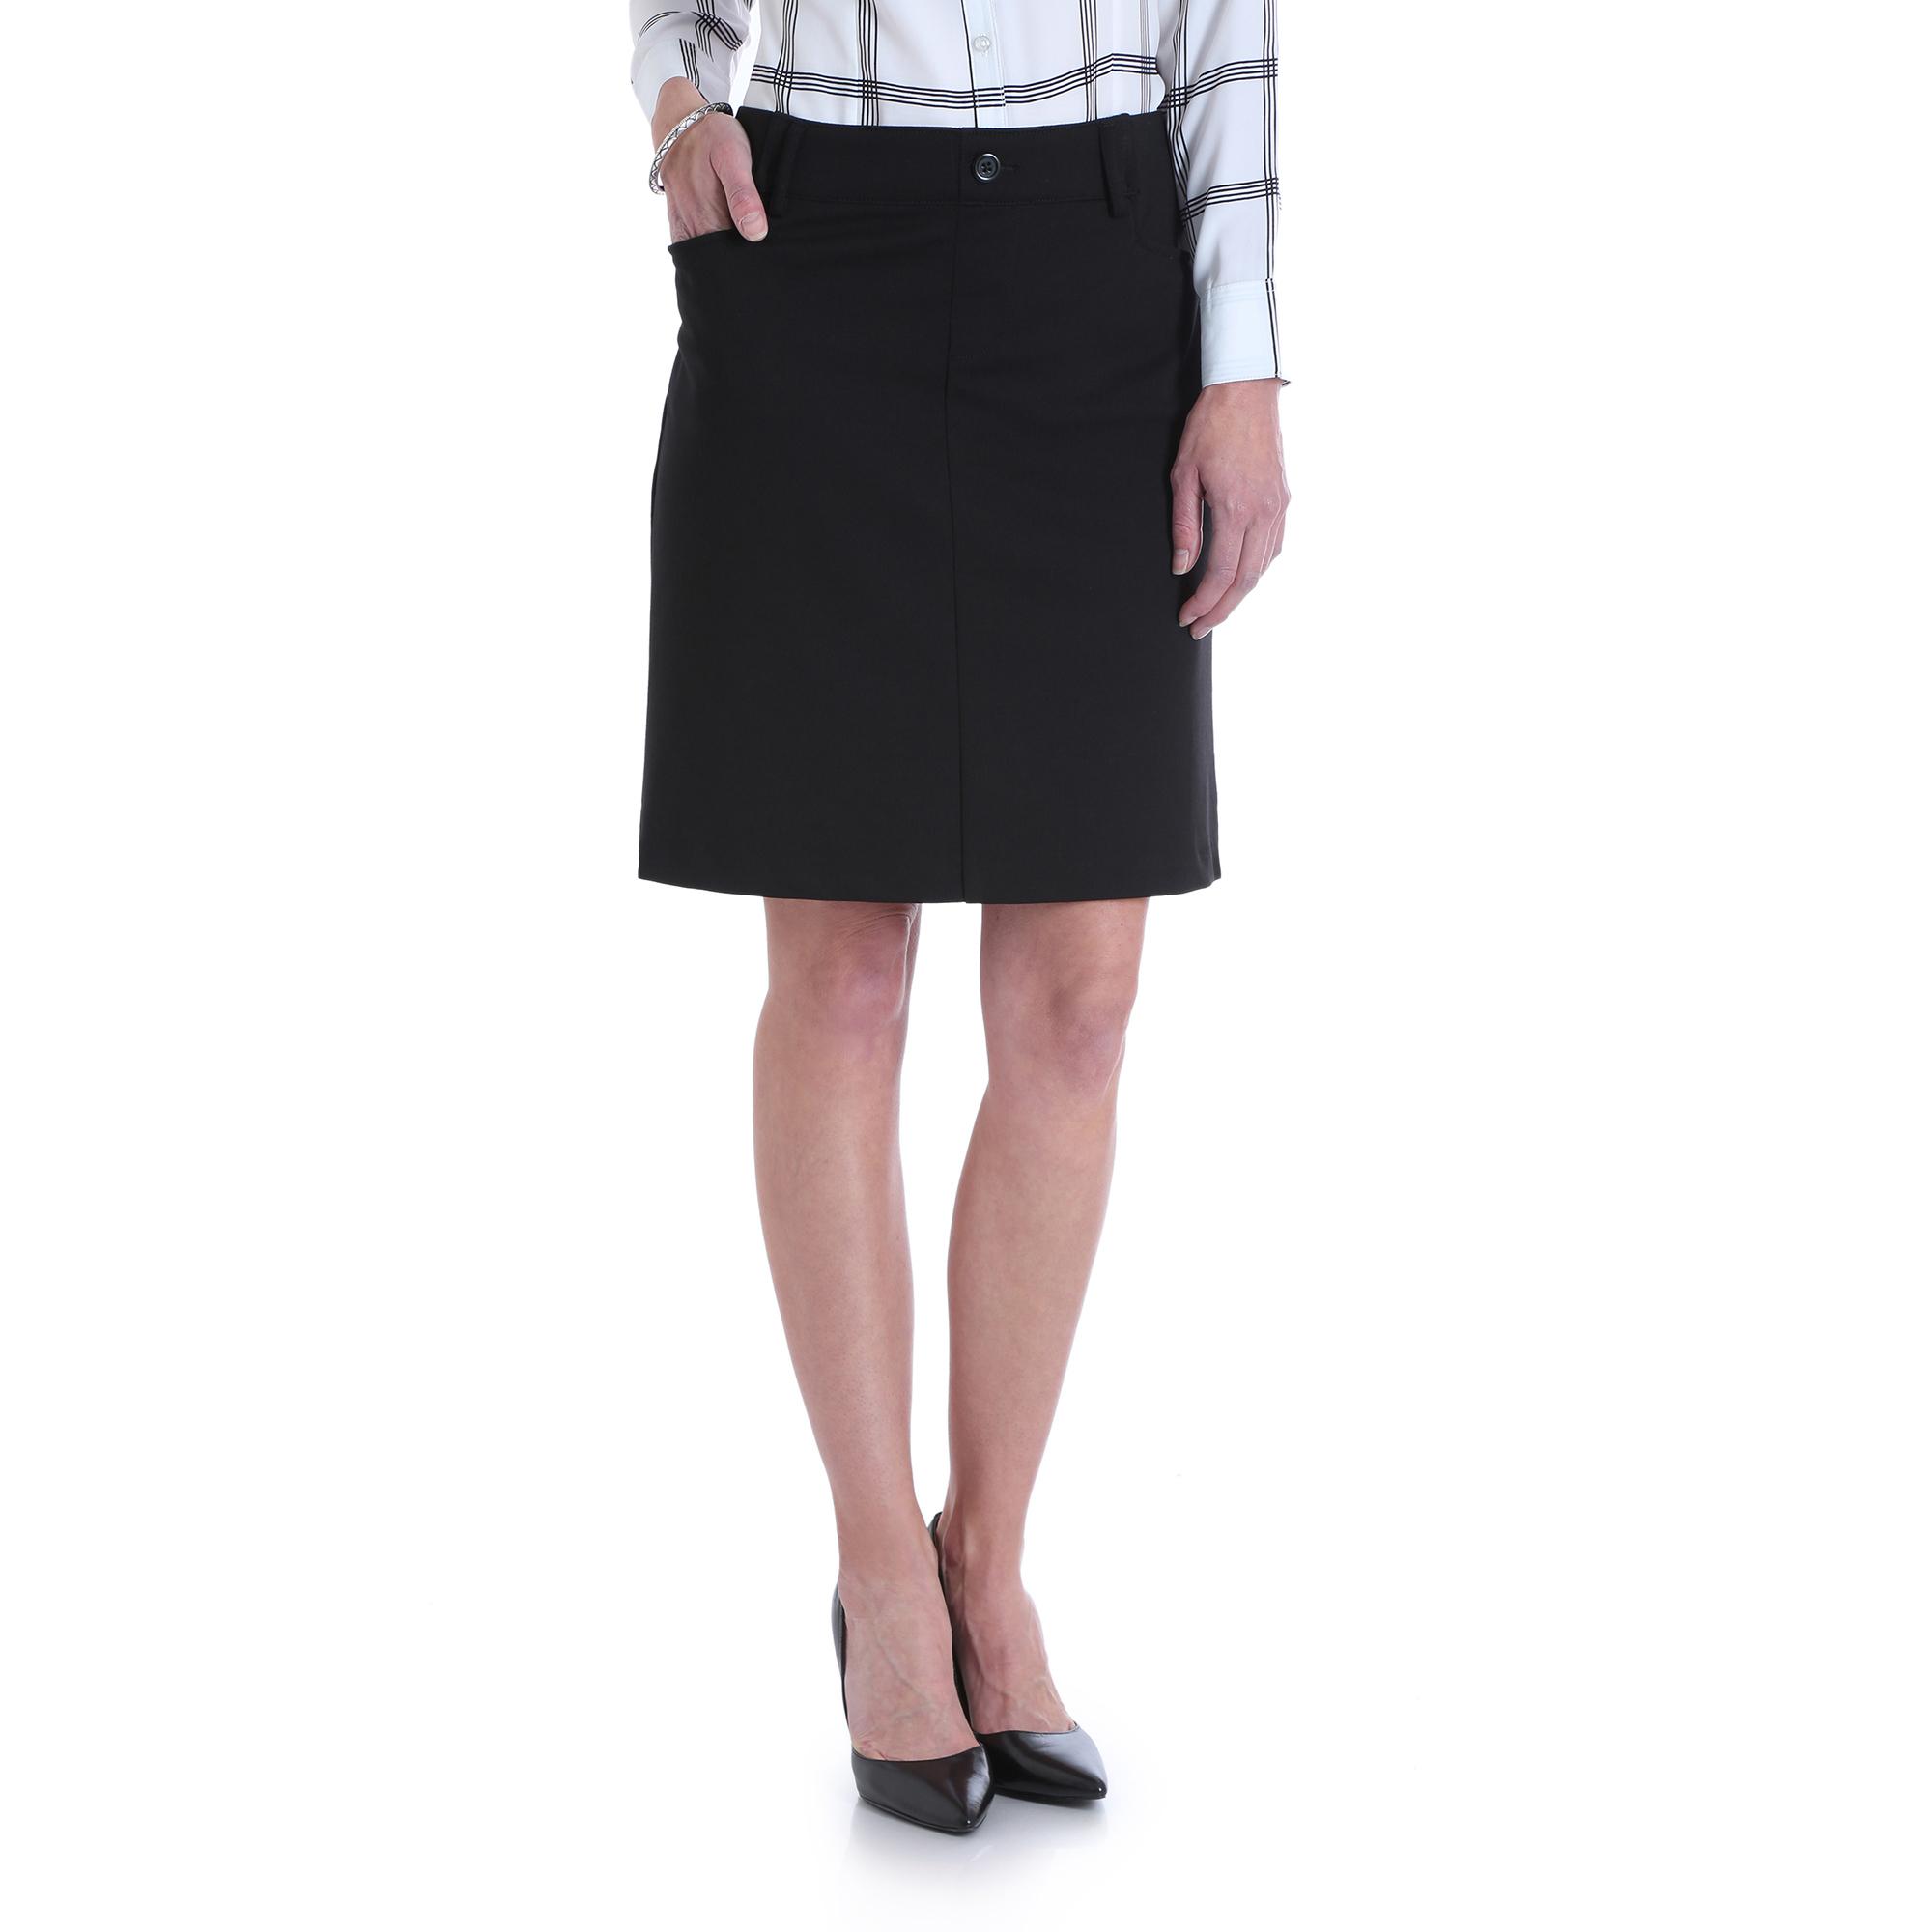 140TH08 - Comfort Waist Skirt